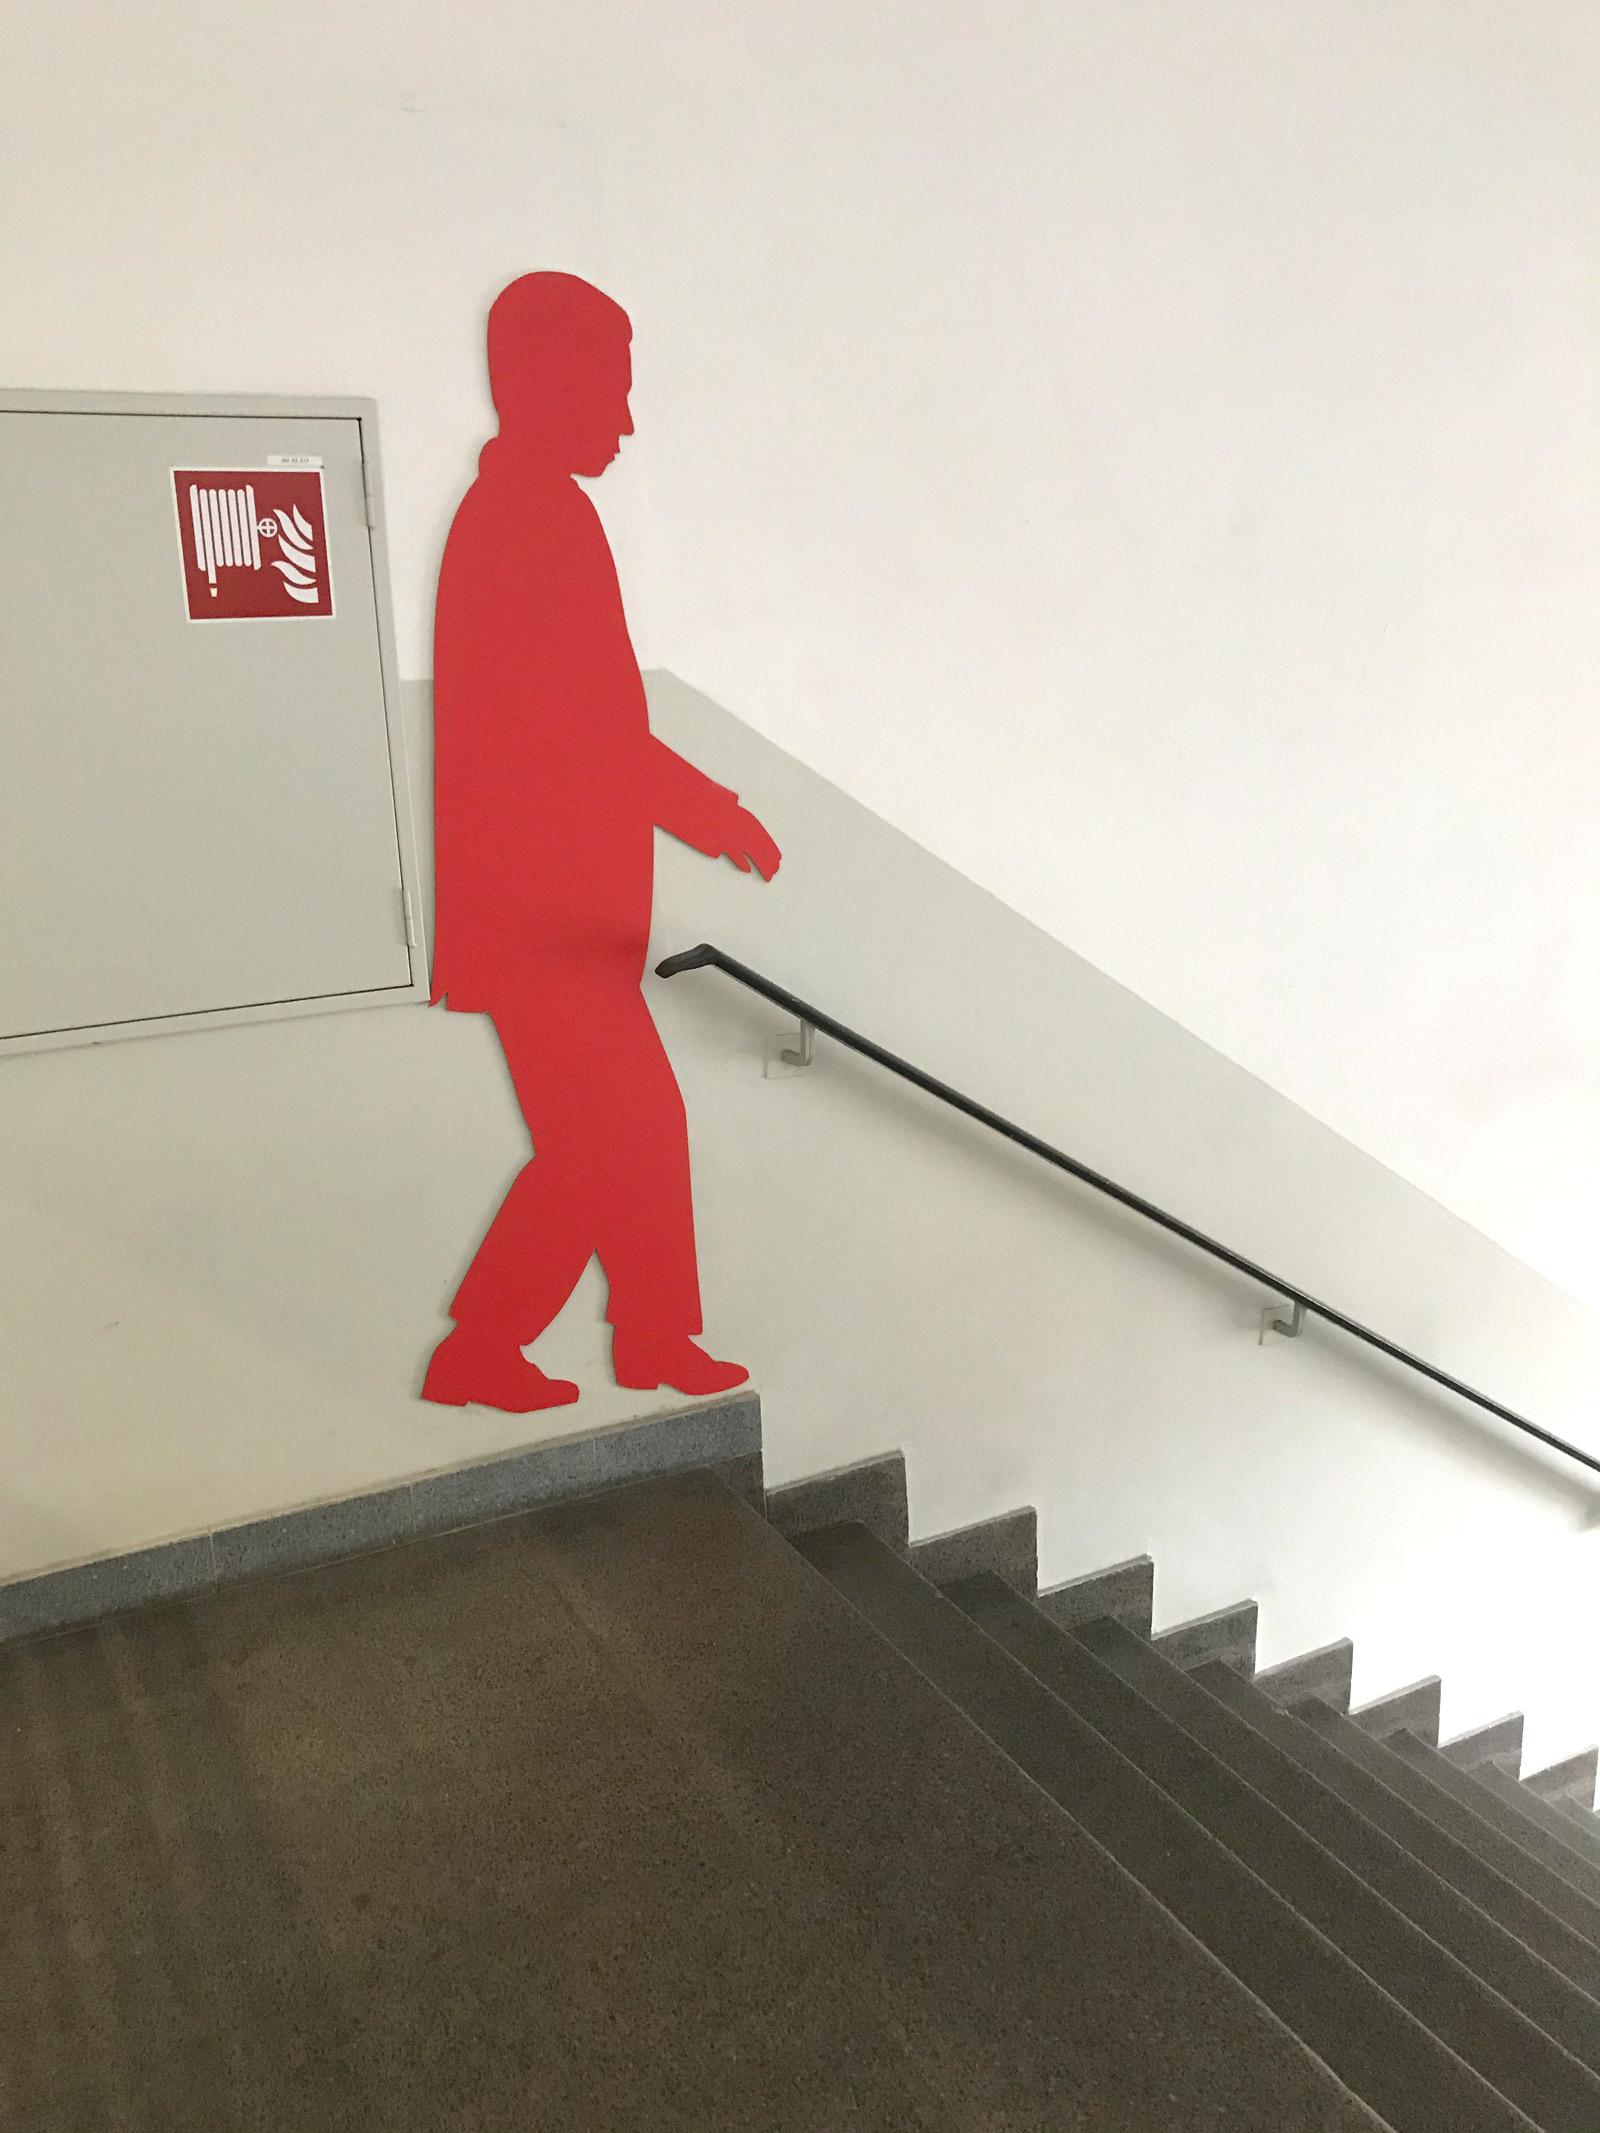 Rote männliche Schattenfigur in einem Treppenhaus an der Wand